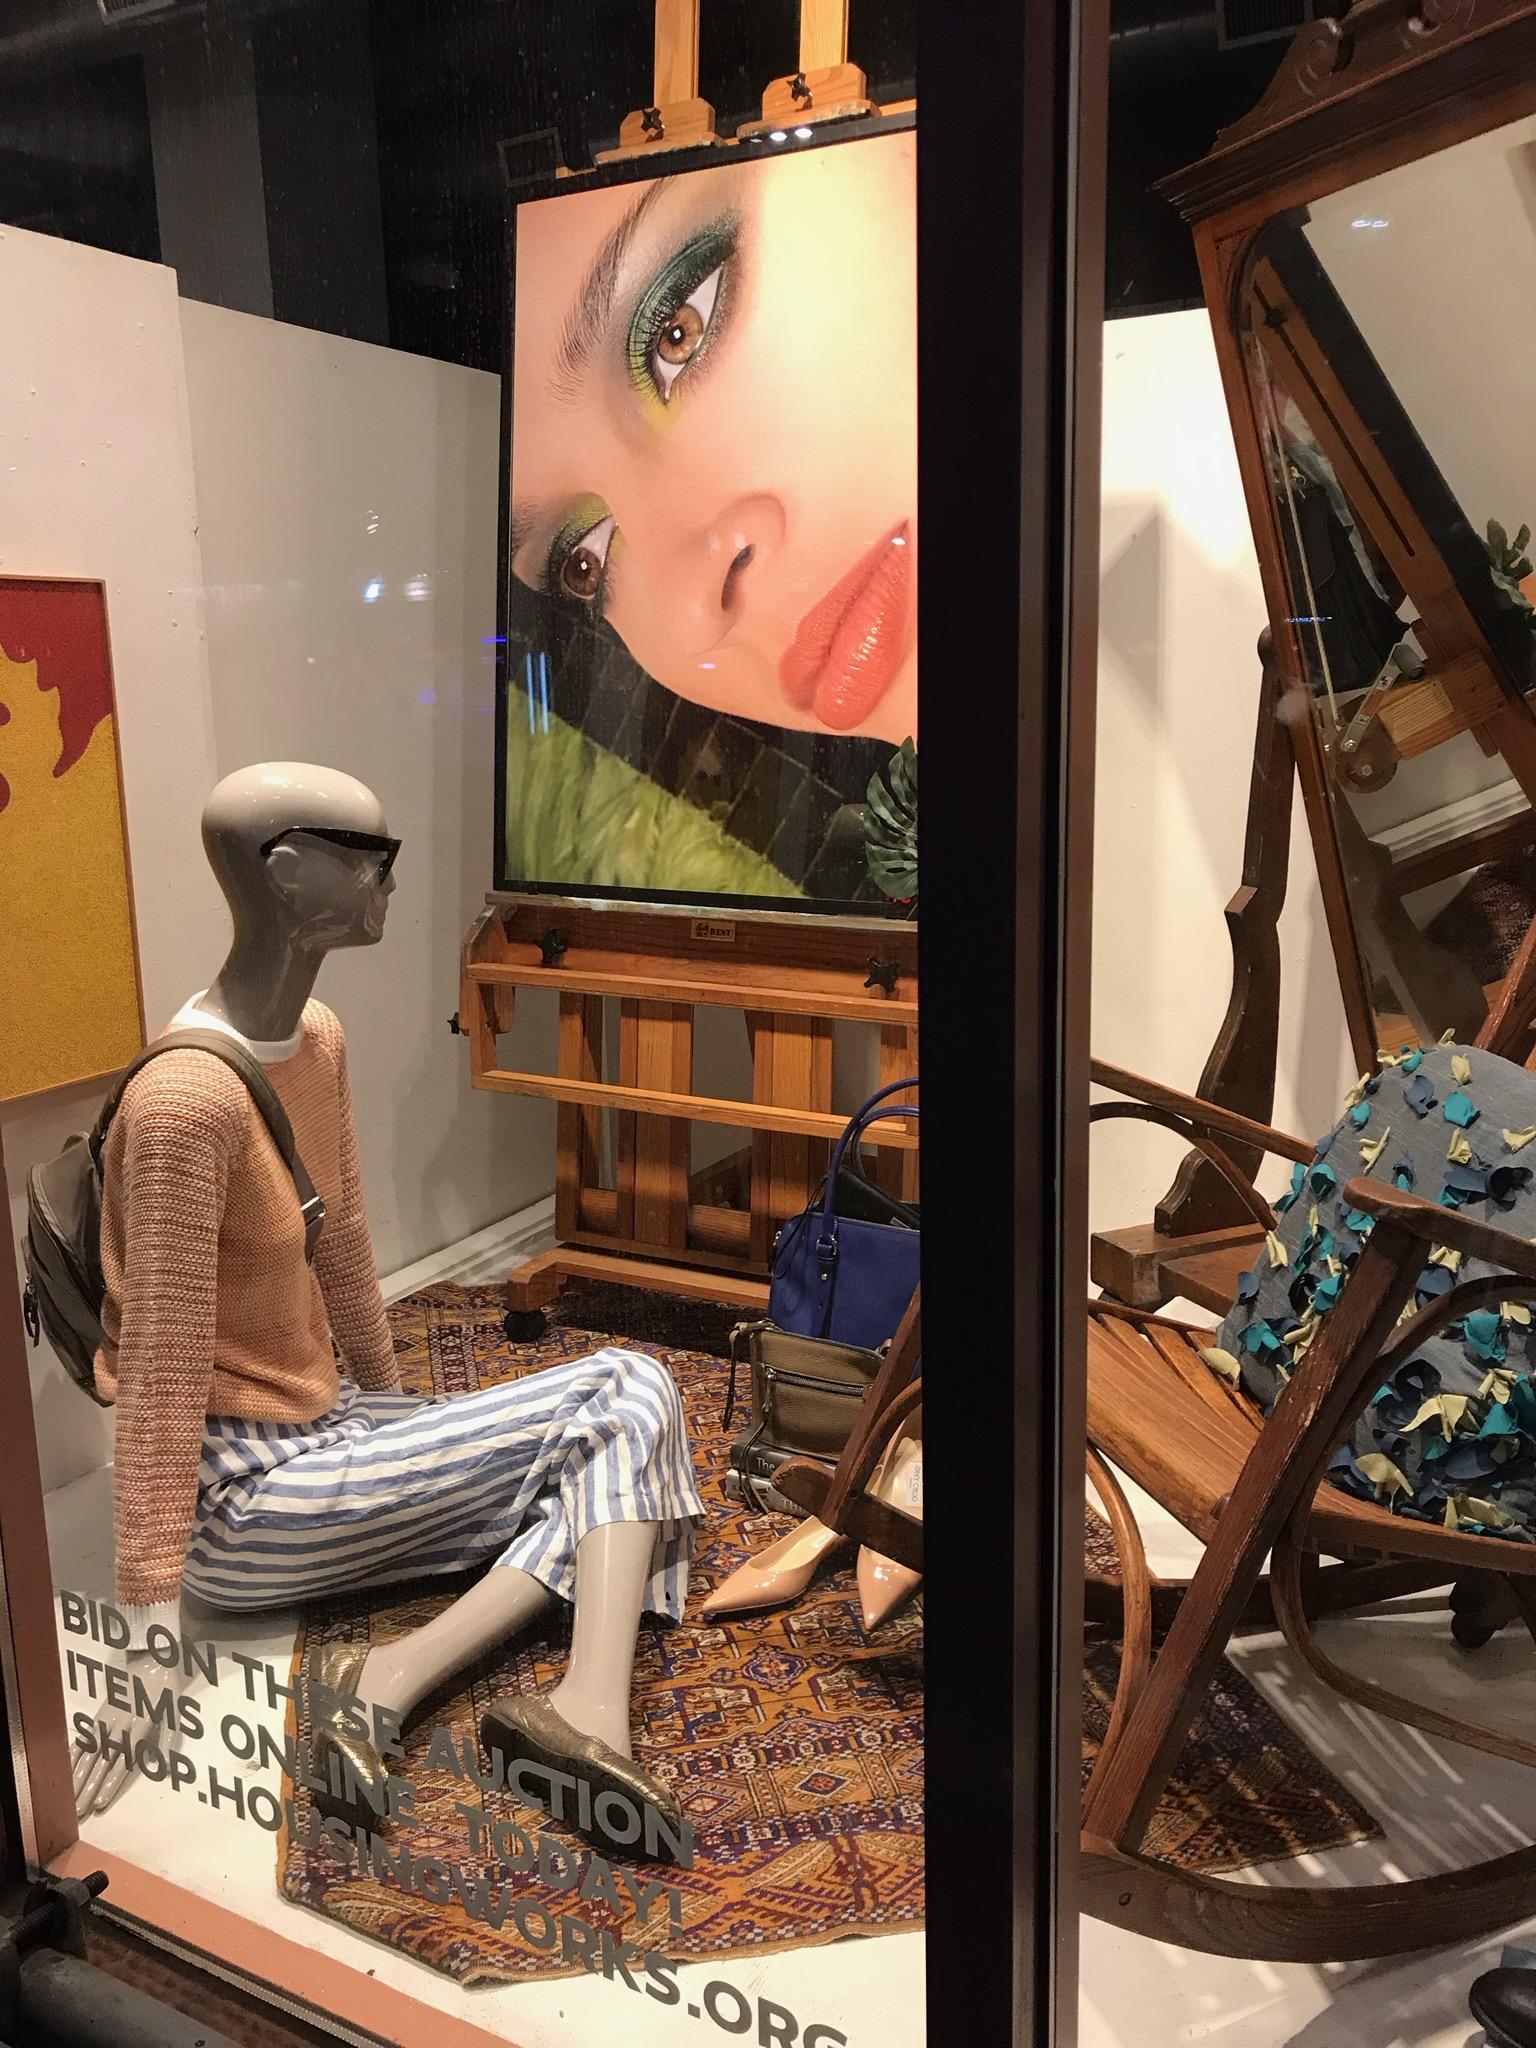 Photo of a scene in a store window. It is zany.